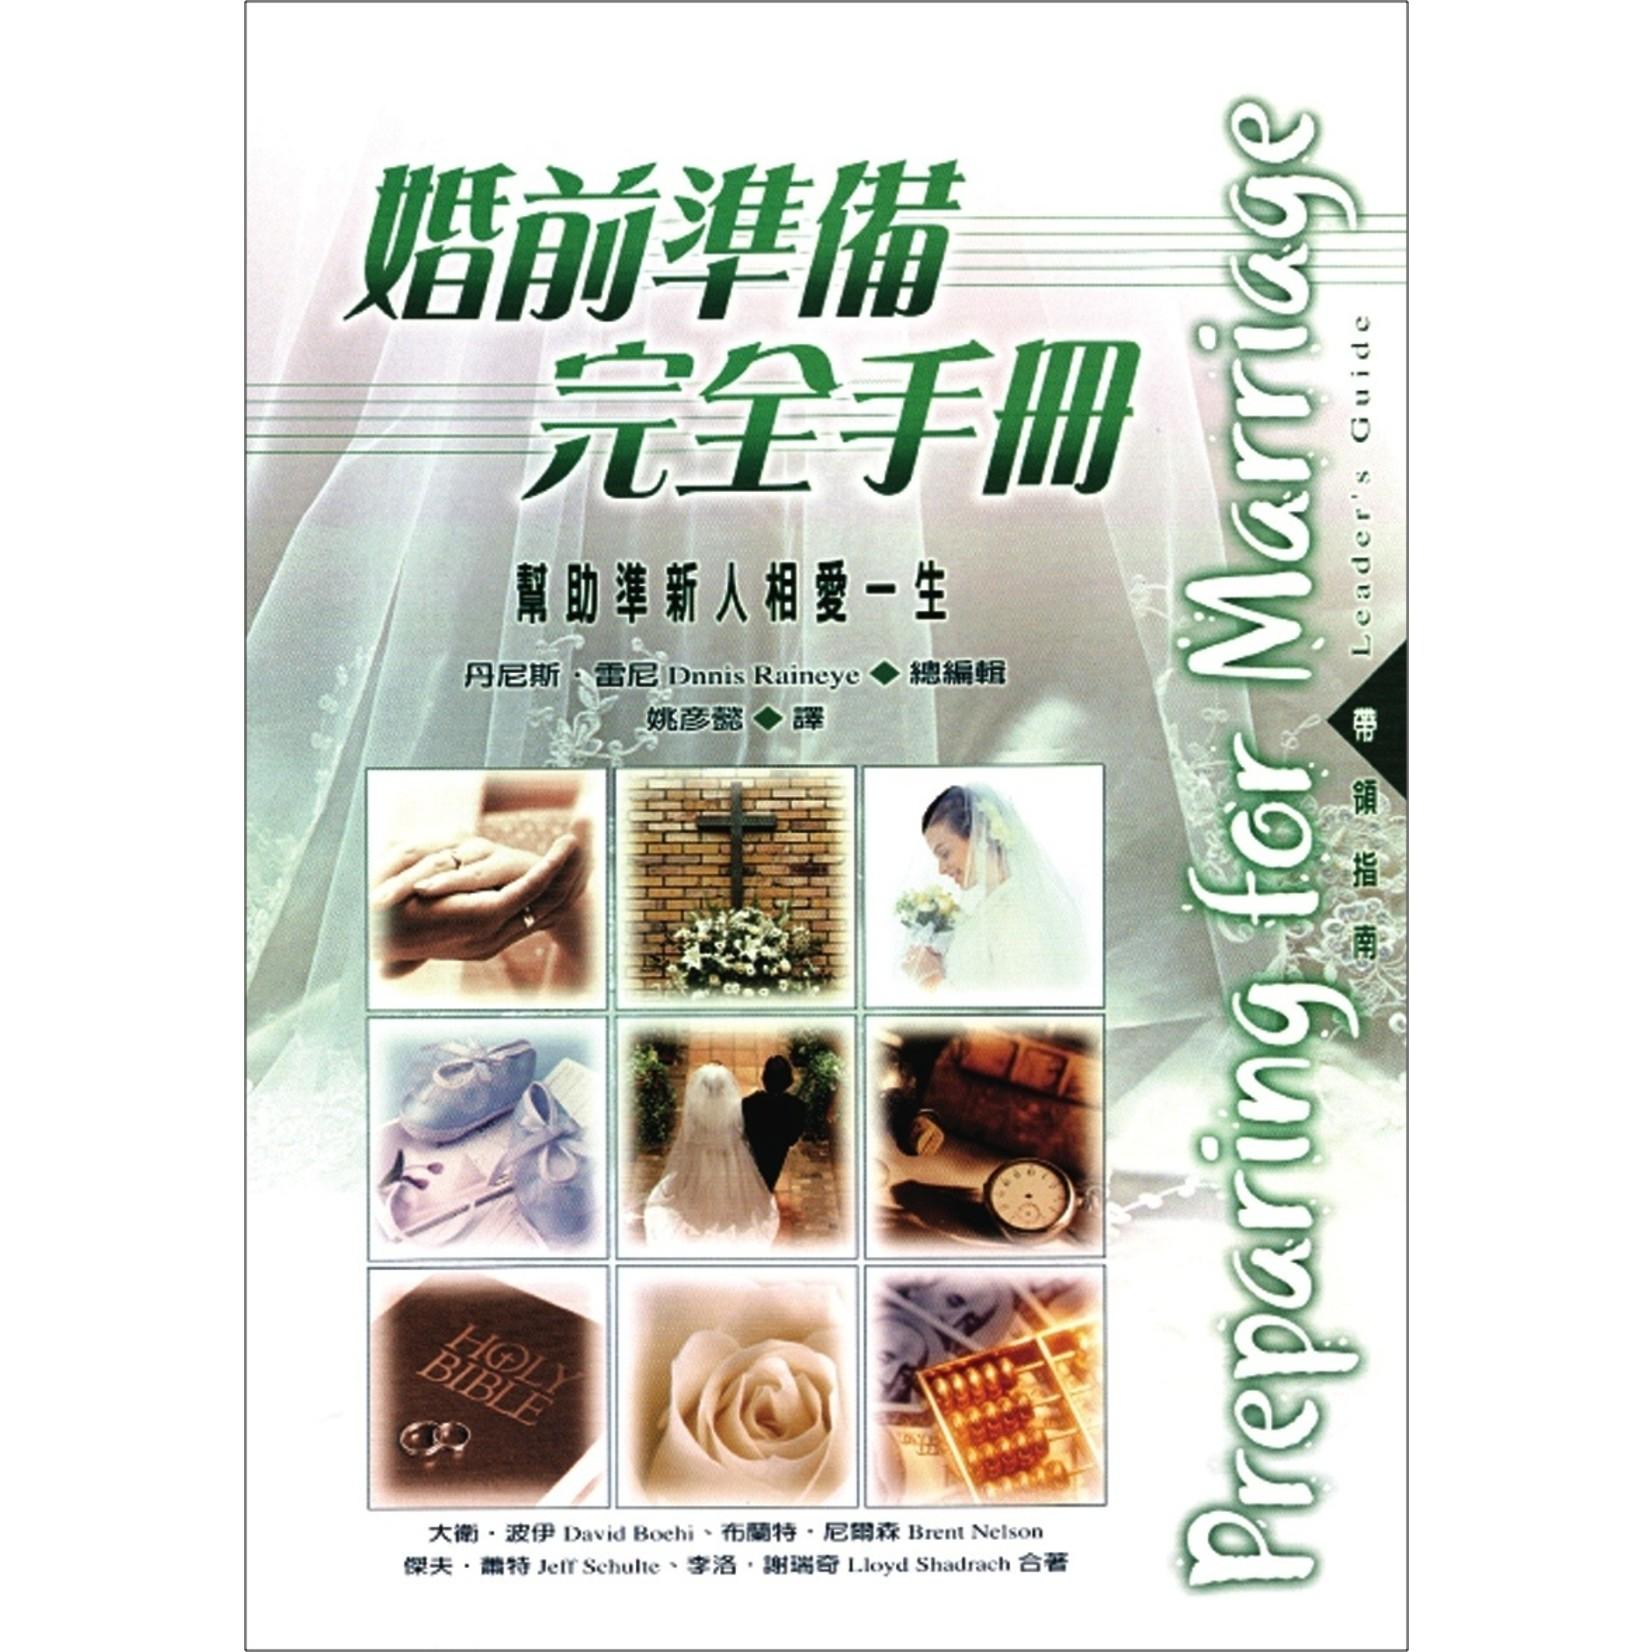 中國學園傳道會 Taiwan Campus Crusade for Christ 婚前準備完全手冊:帶領指南 Preparing for Marriage - Leader's Guide